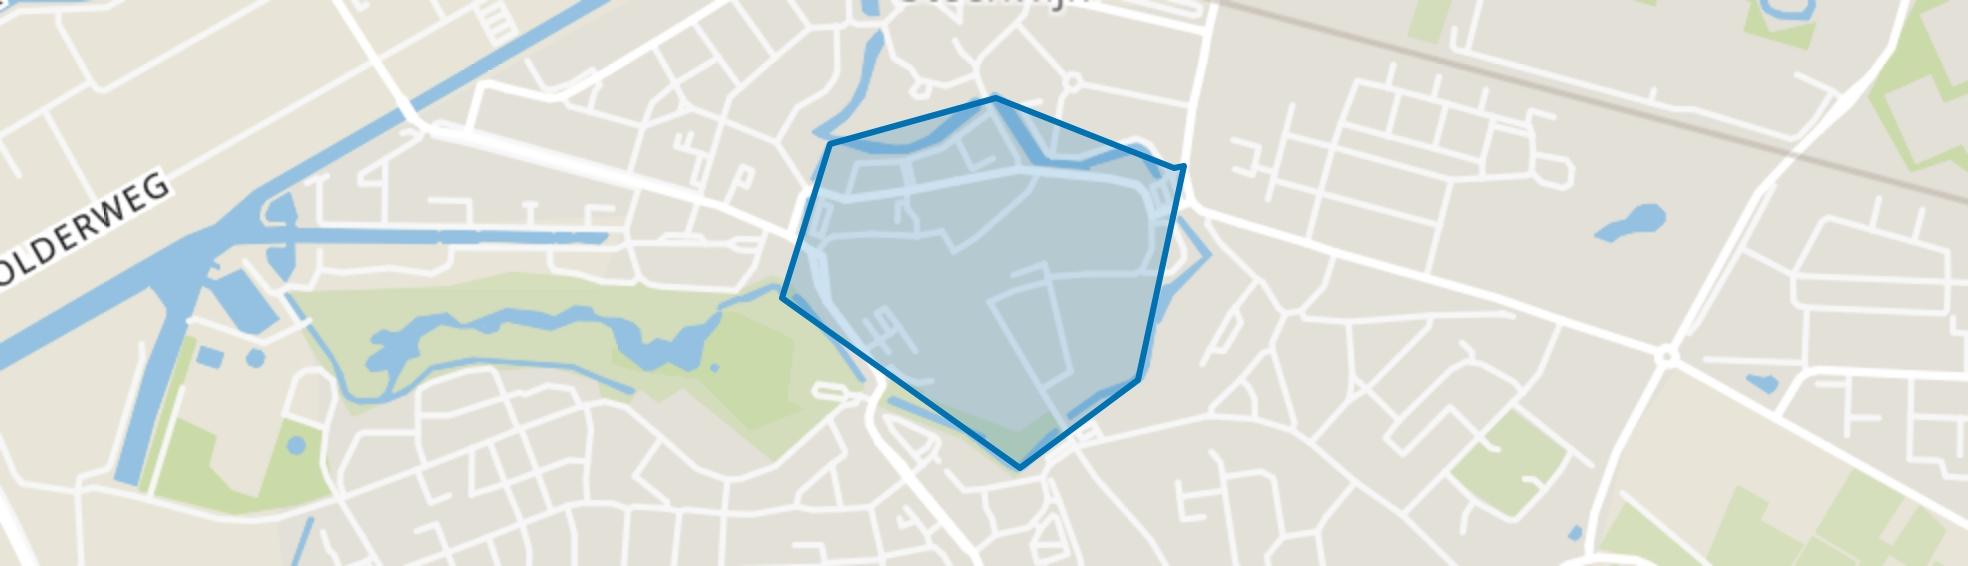 Centrum Steenwijk, Steenwijk map